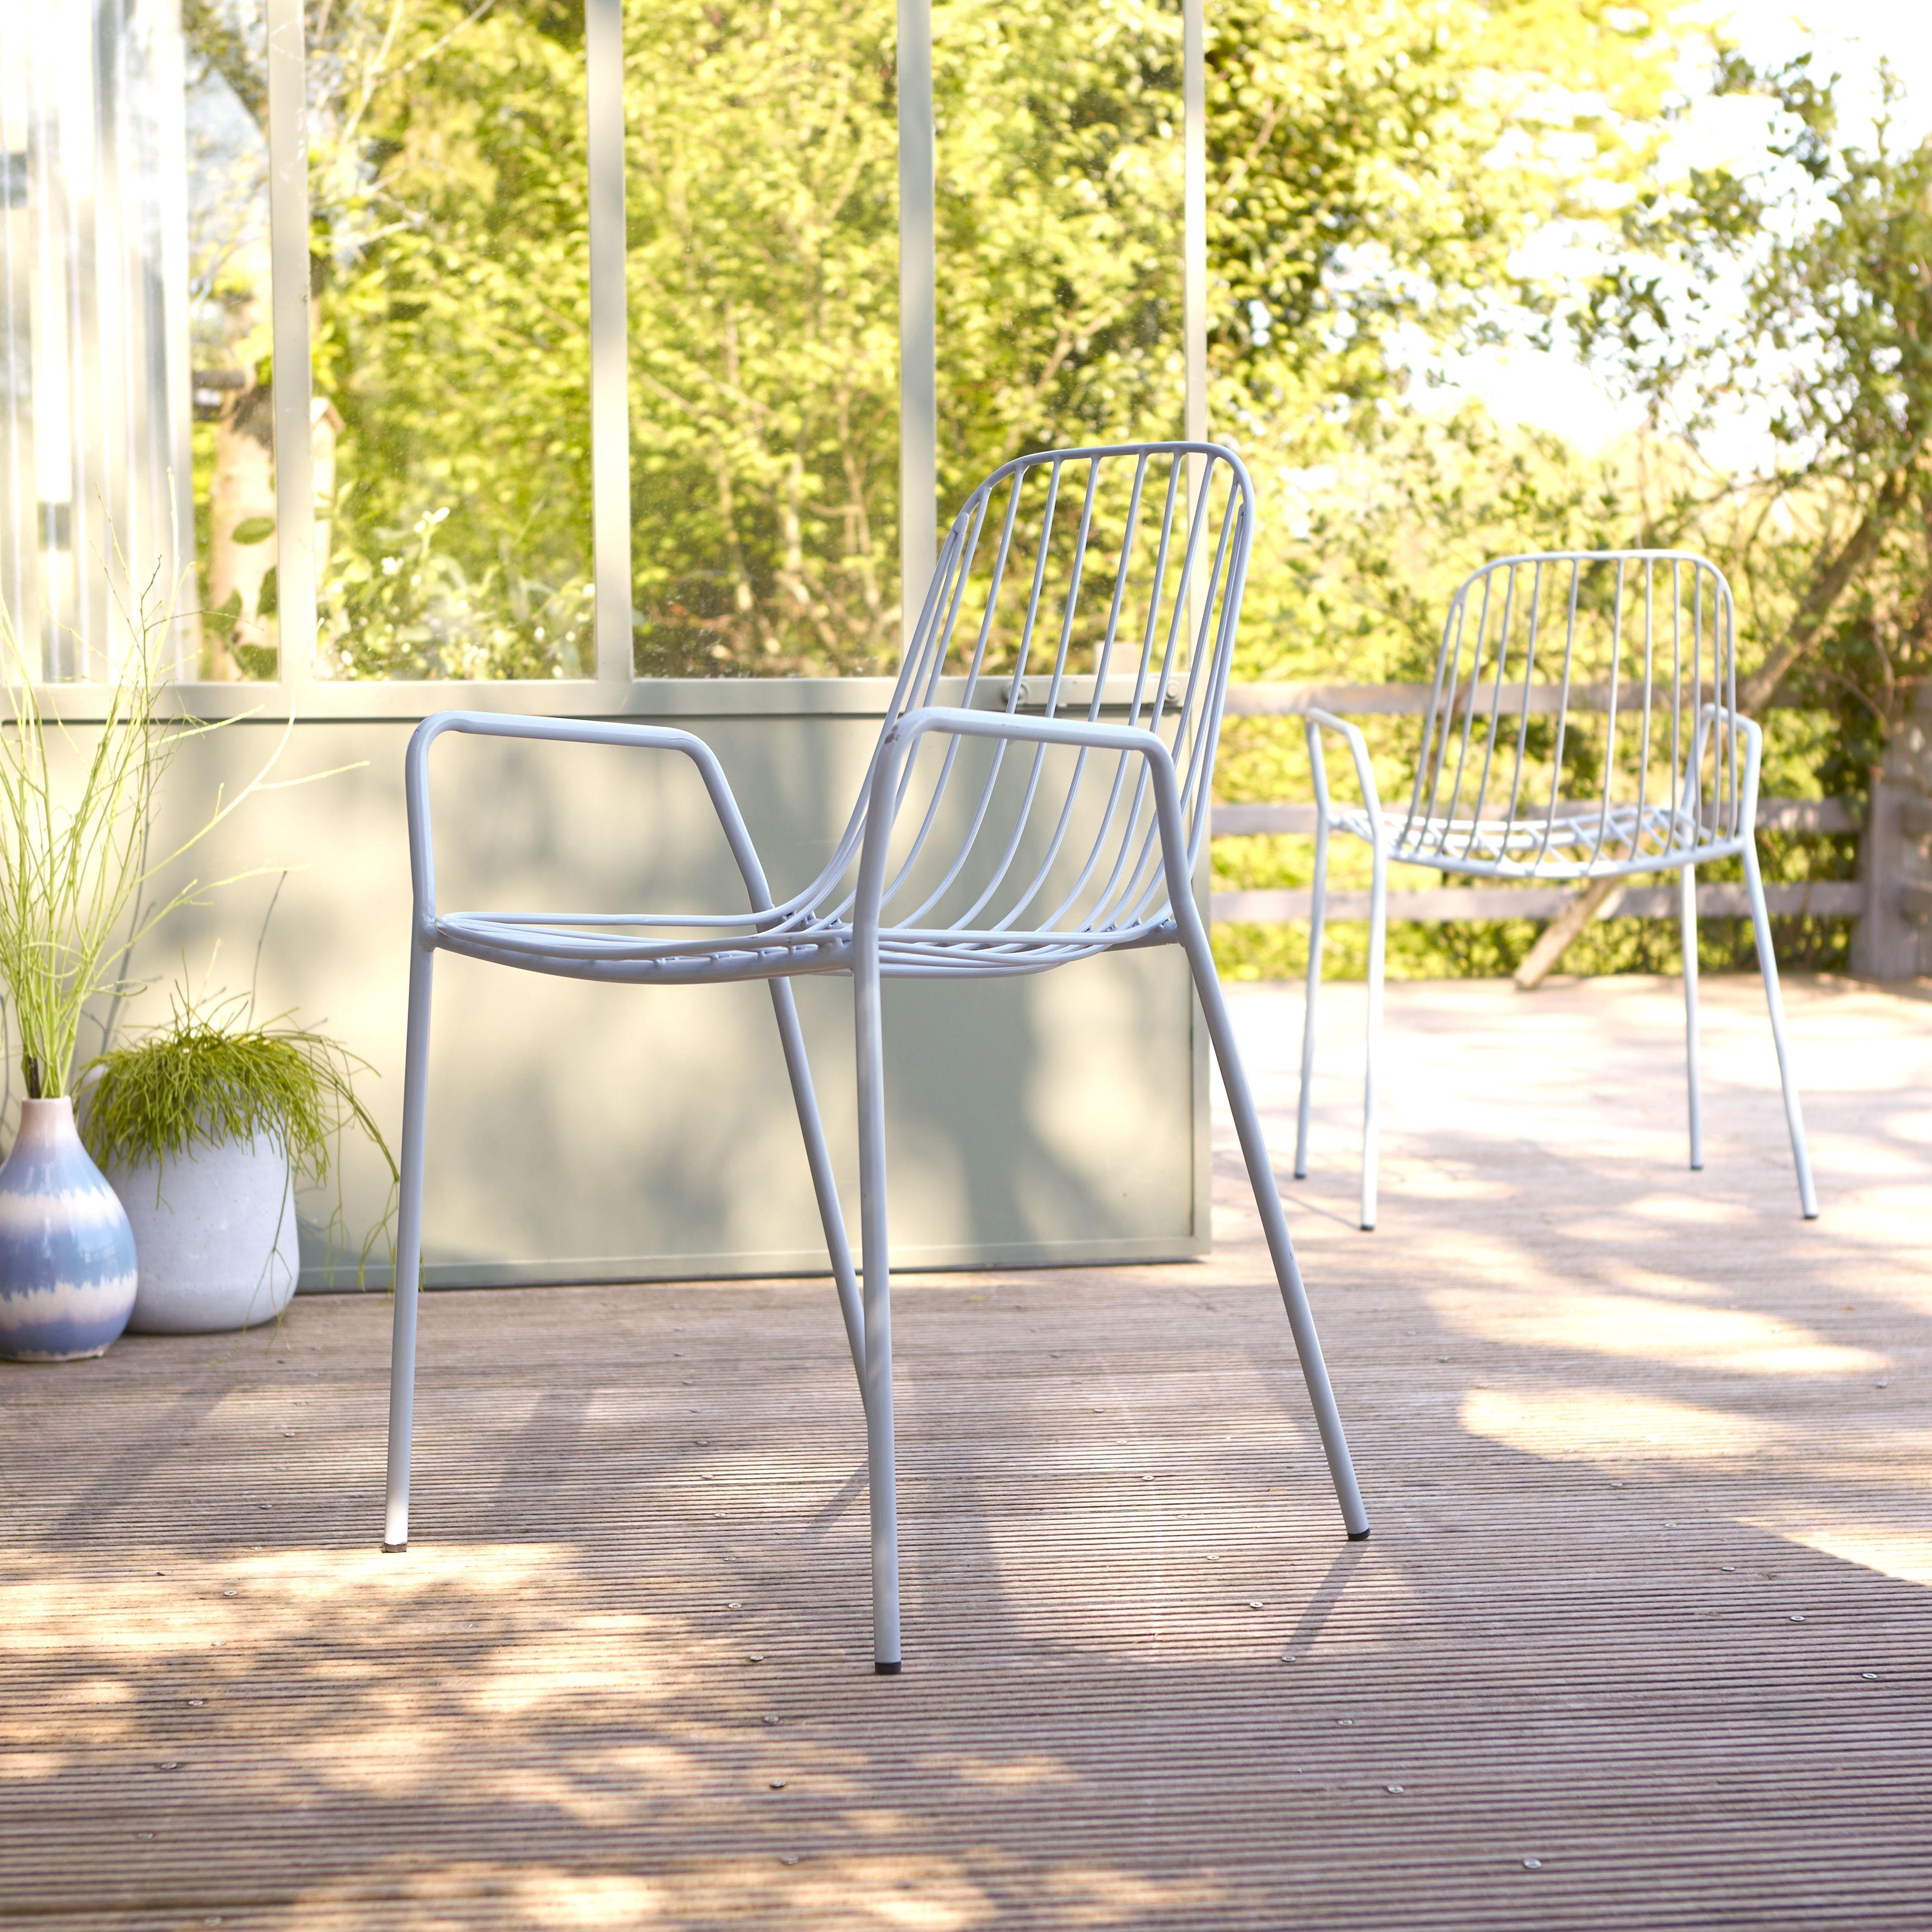 Fauteuil De Jardin En Ma C Tal Gris Meubles Pour L Exta C Rieur Chaise Jardin Metal Chaise De Jardin Chaise D Exterieur